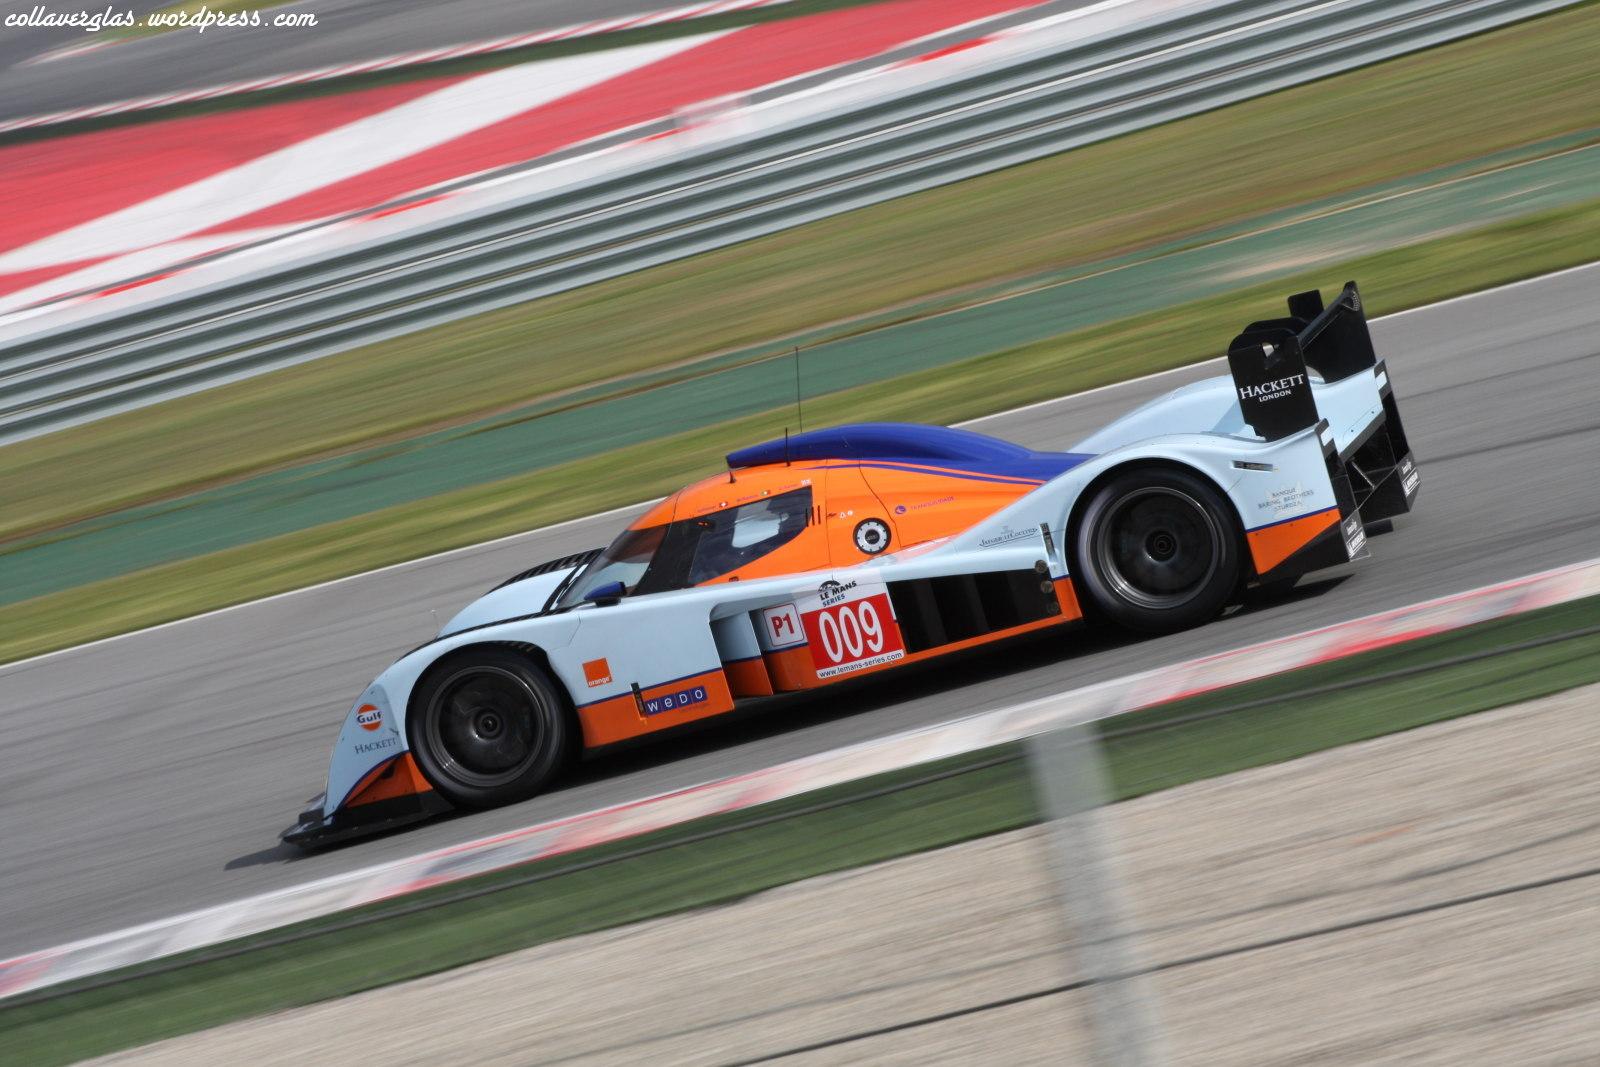 Lola-Aston Martin LMP1,